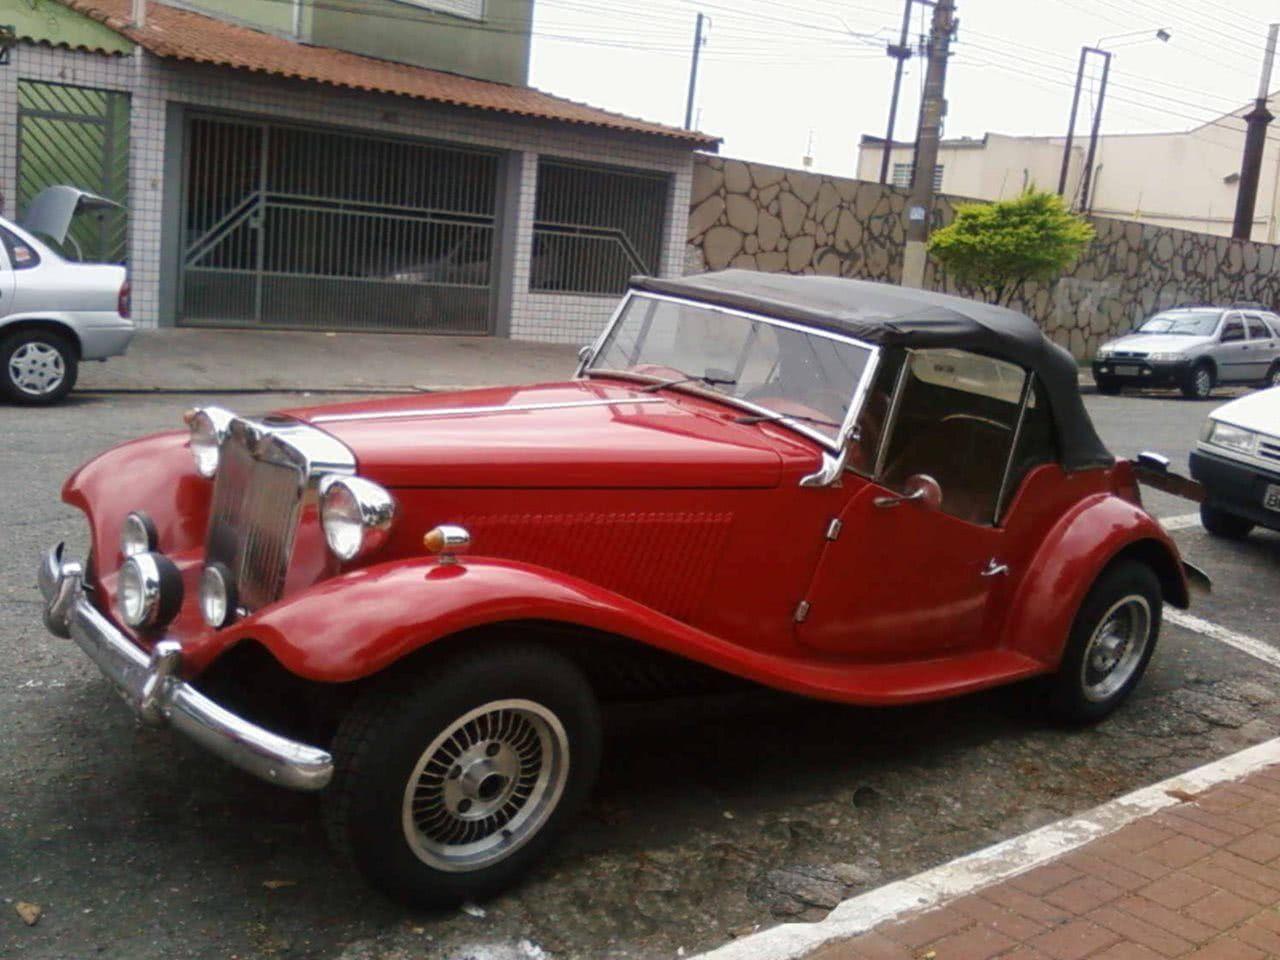 Calhambeque Precos Carros Antigos A Venda